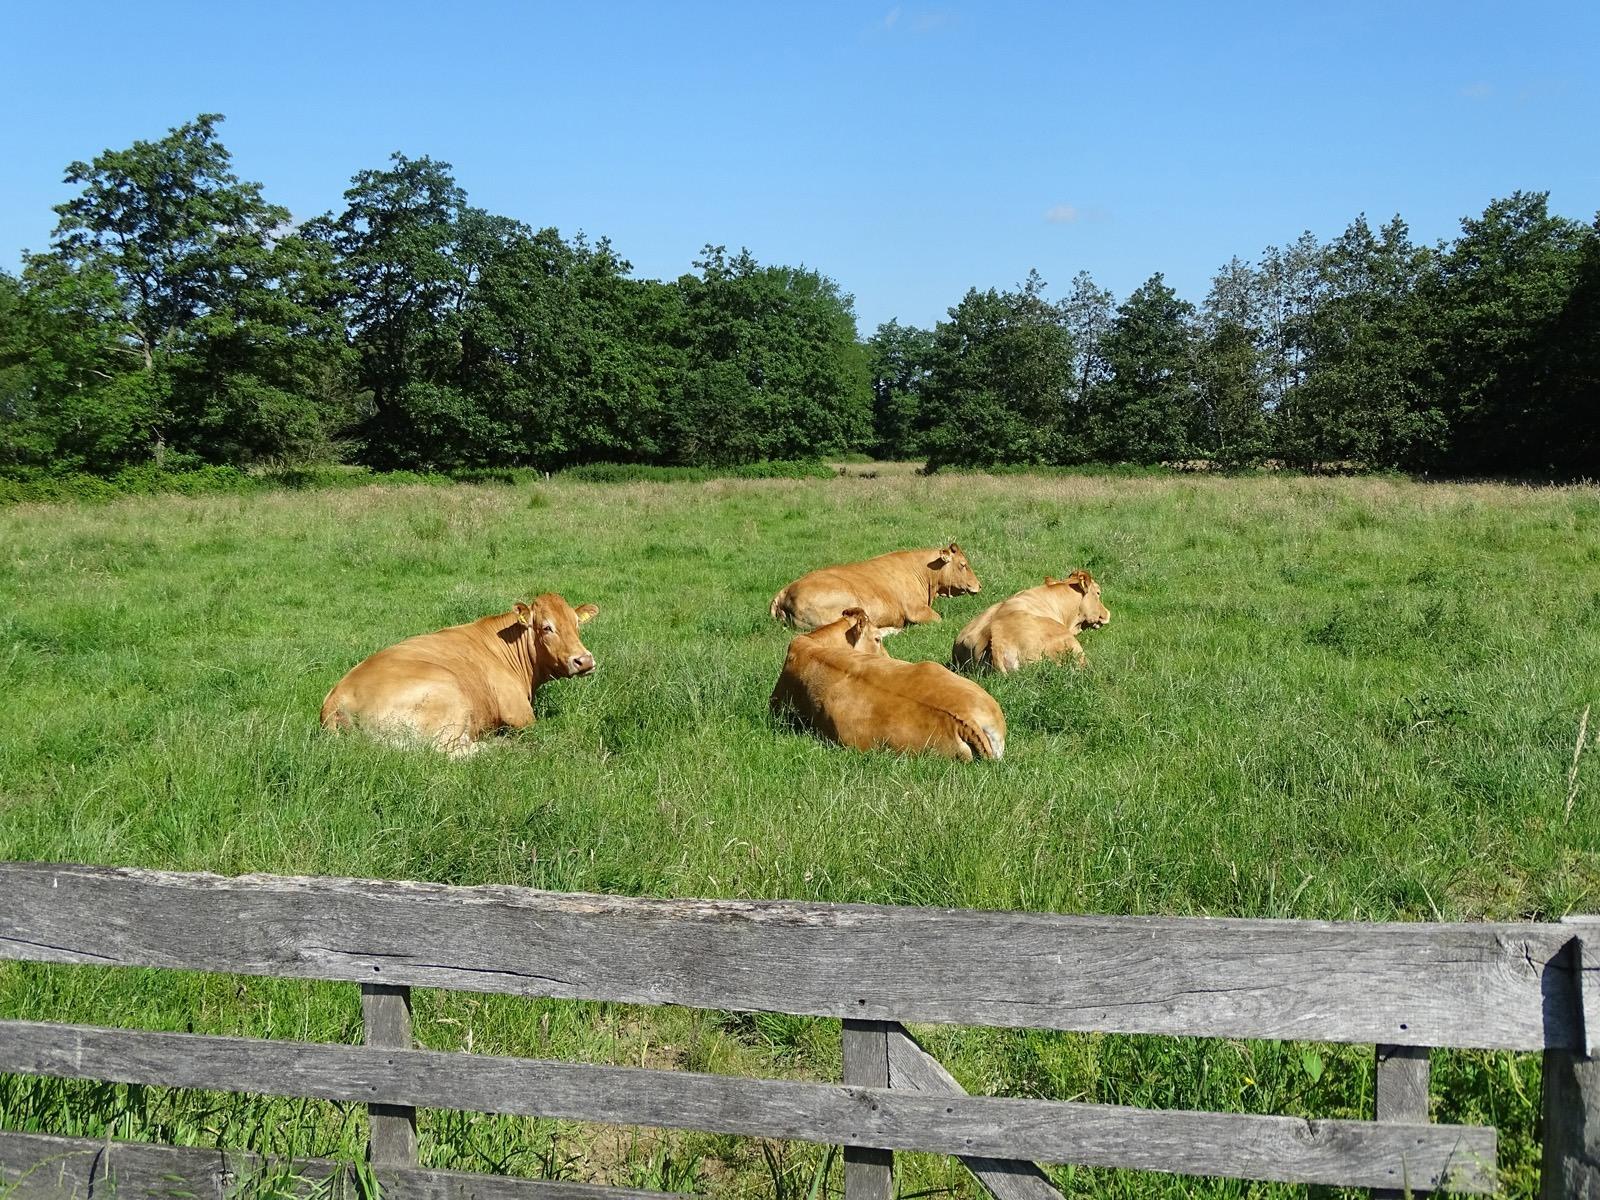 Limouisin koeien in het Beeld Onlanden